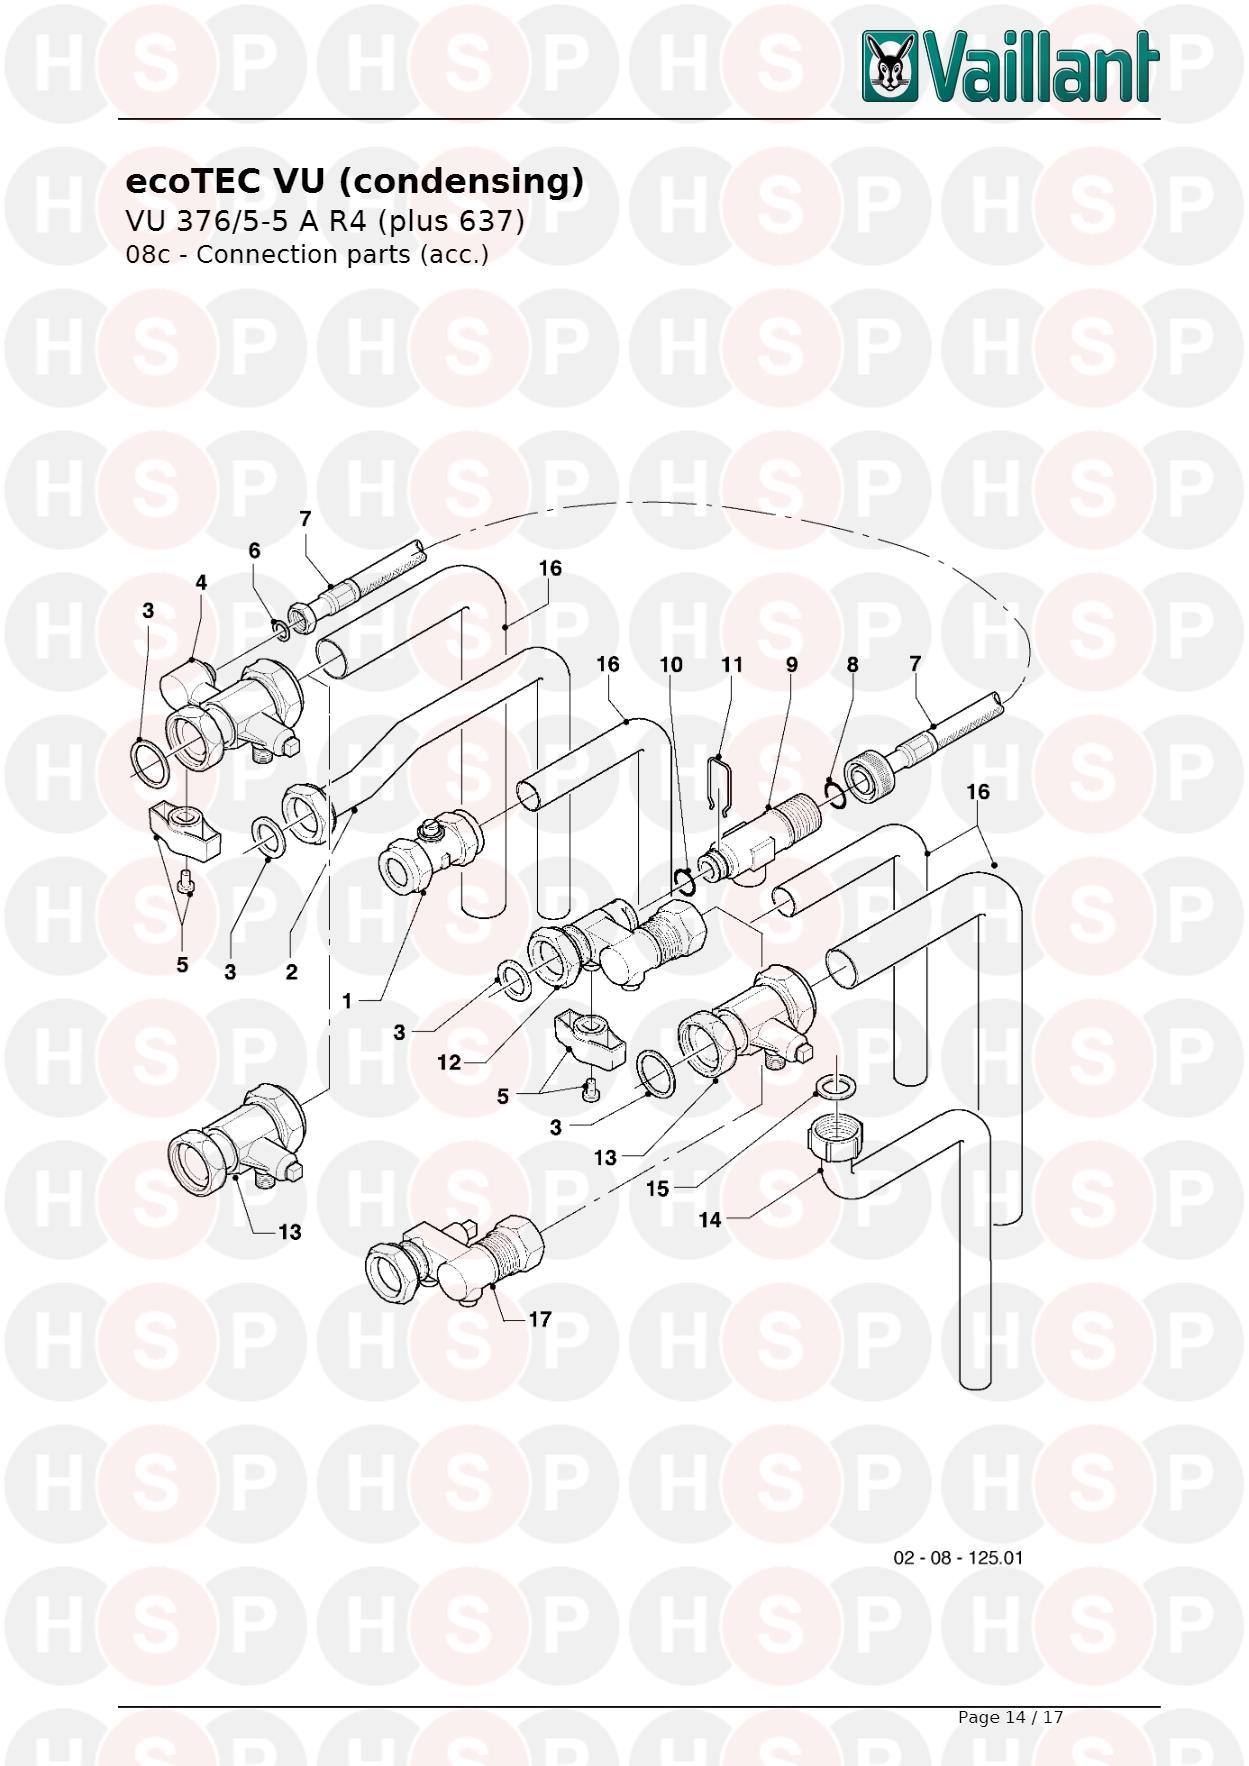 Vaillant ecotec plus 637 vu 3765 5 a r4 2015 onwards 08c 08c connection parts diagram for vaillant ecotec plus 637 vu 3765 5 a cheapraybanclubmaster Images